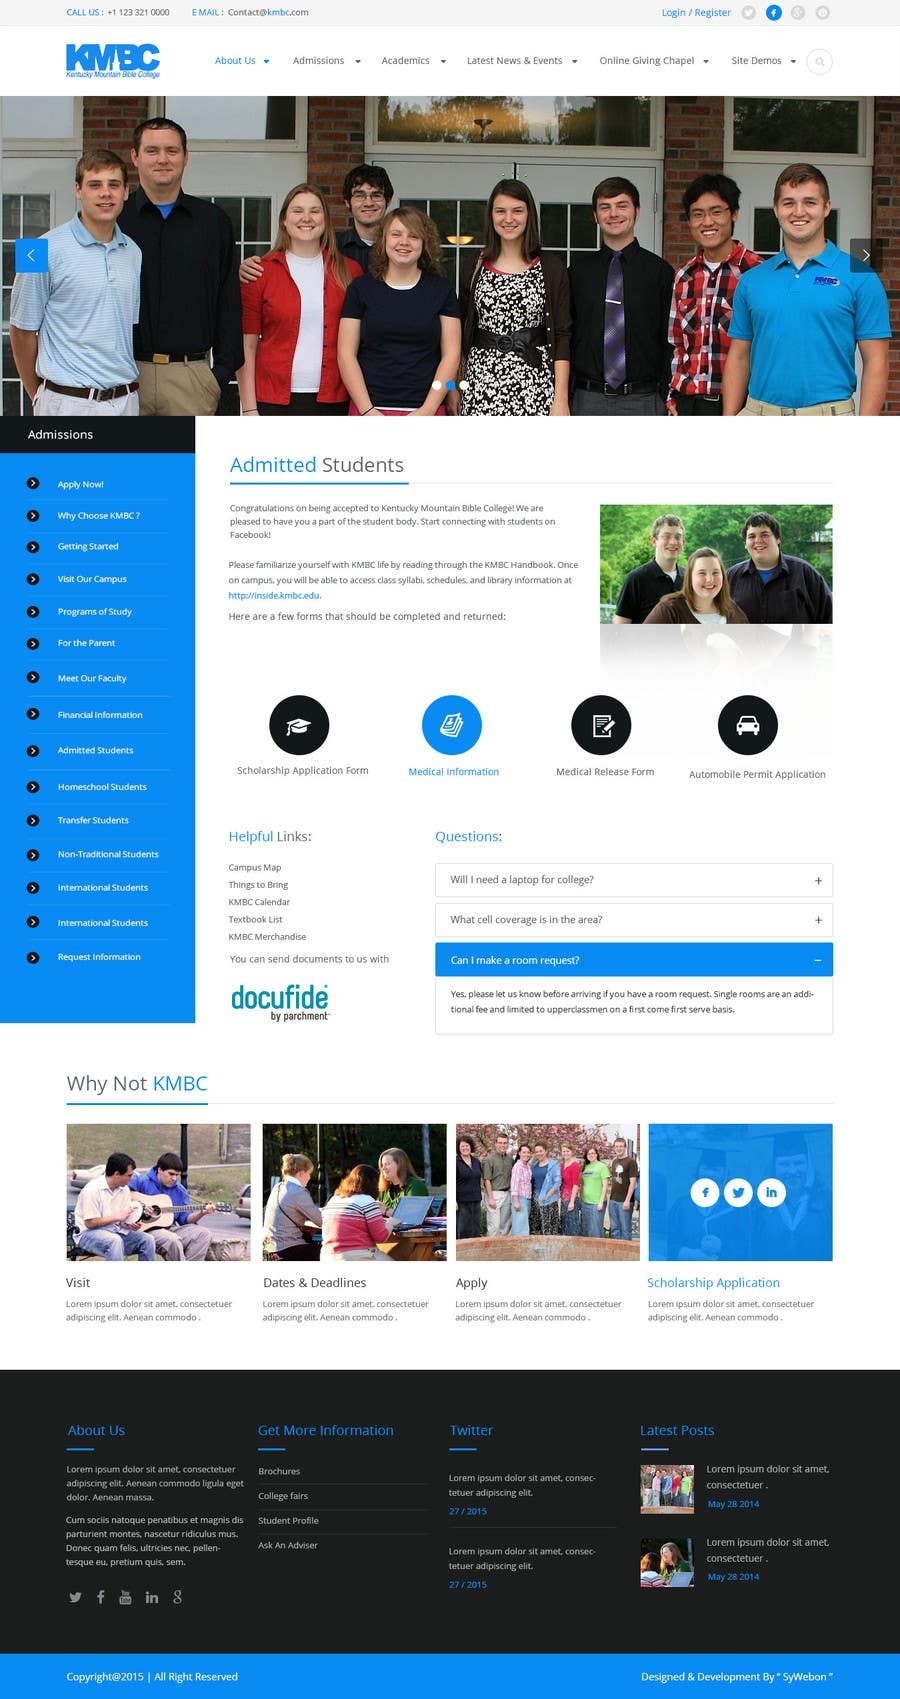 Konkurrenceindlæg #                                        30                                      for                                         Design a website page mockup for existing content